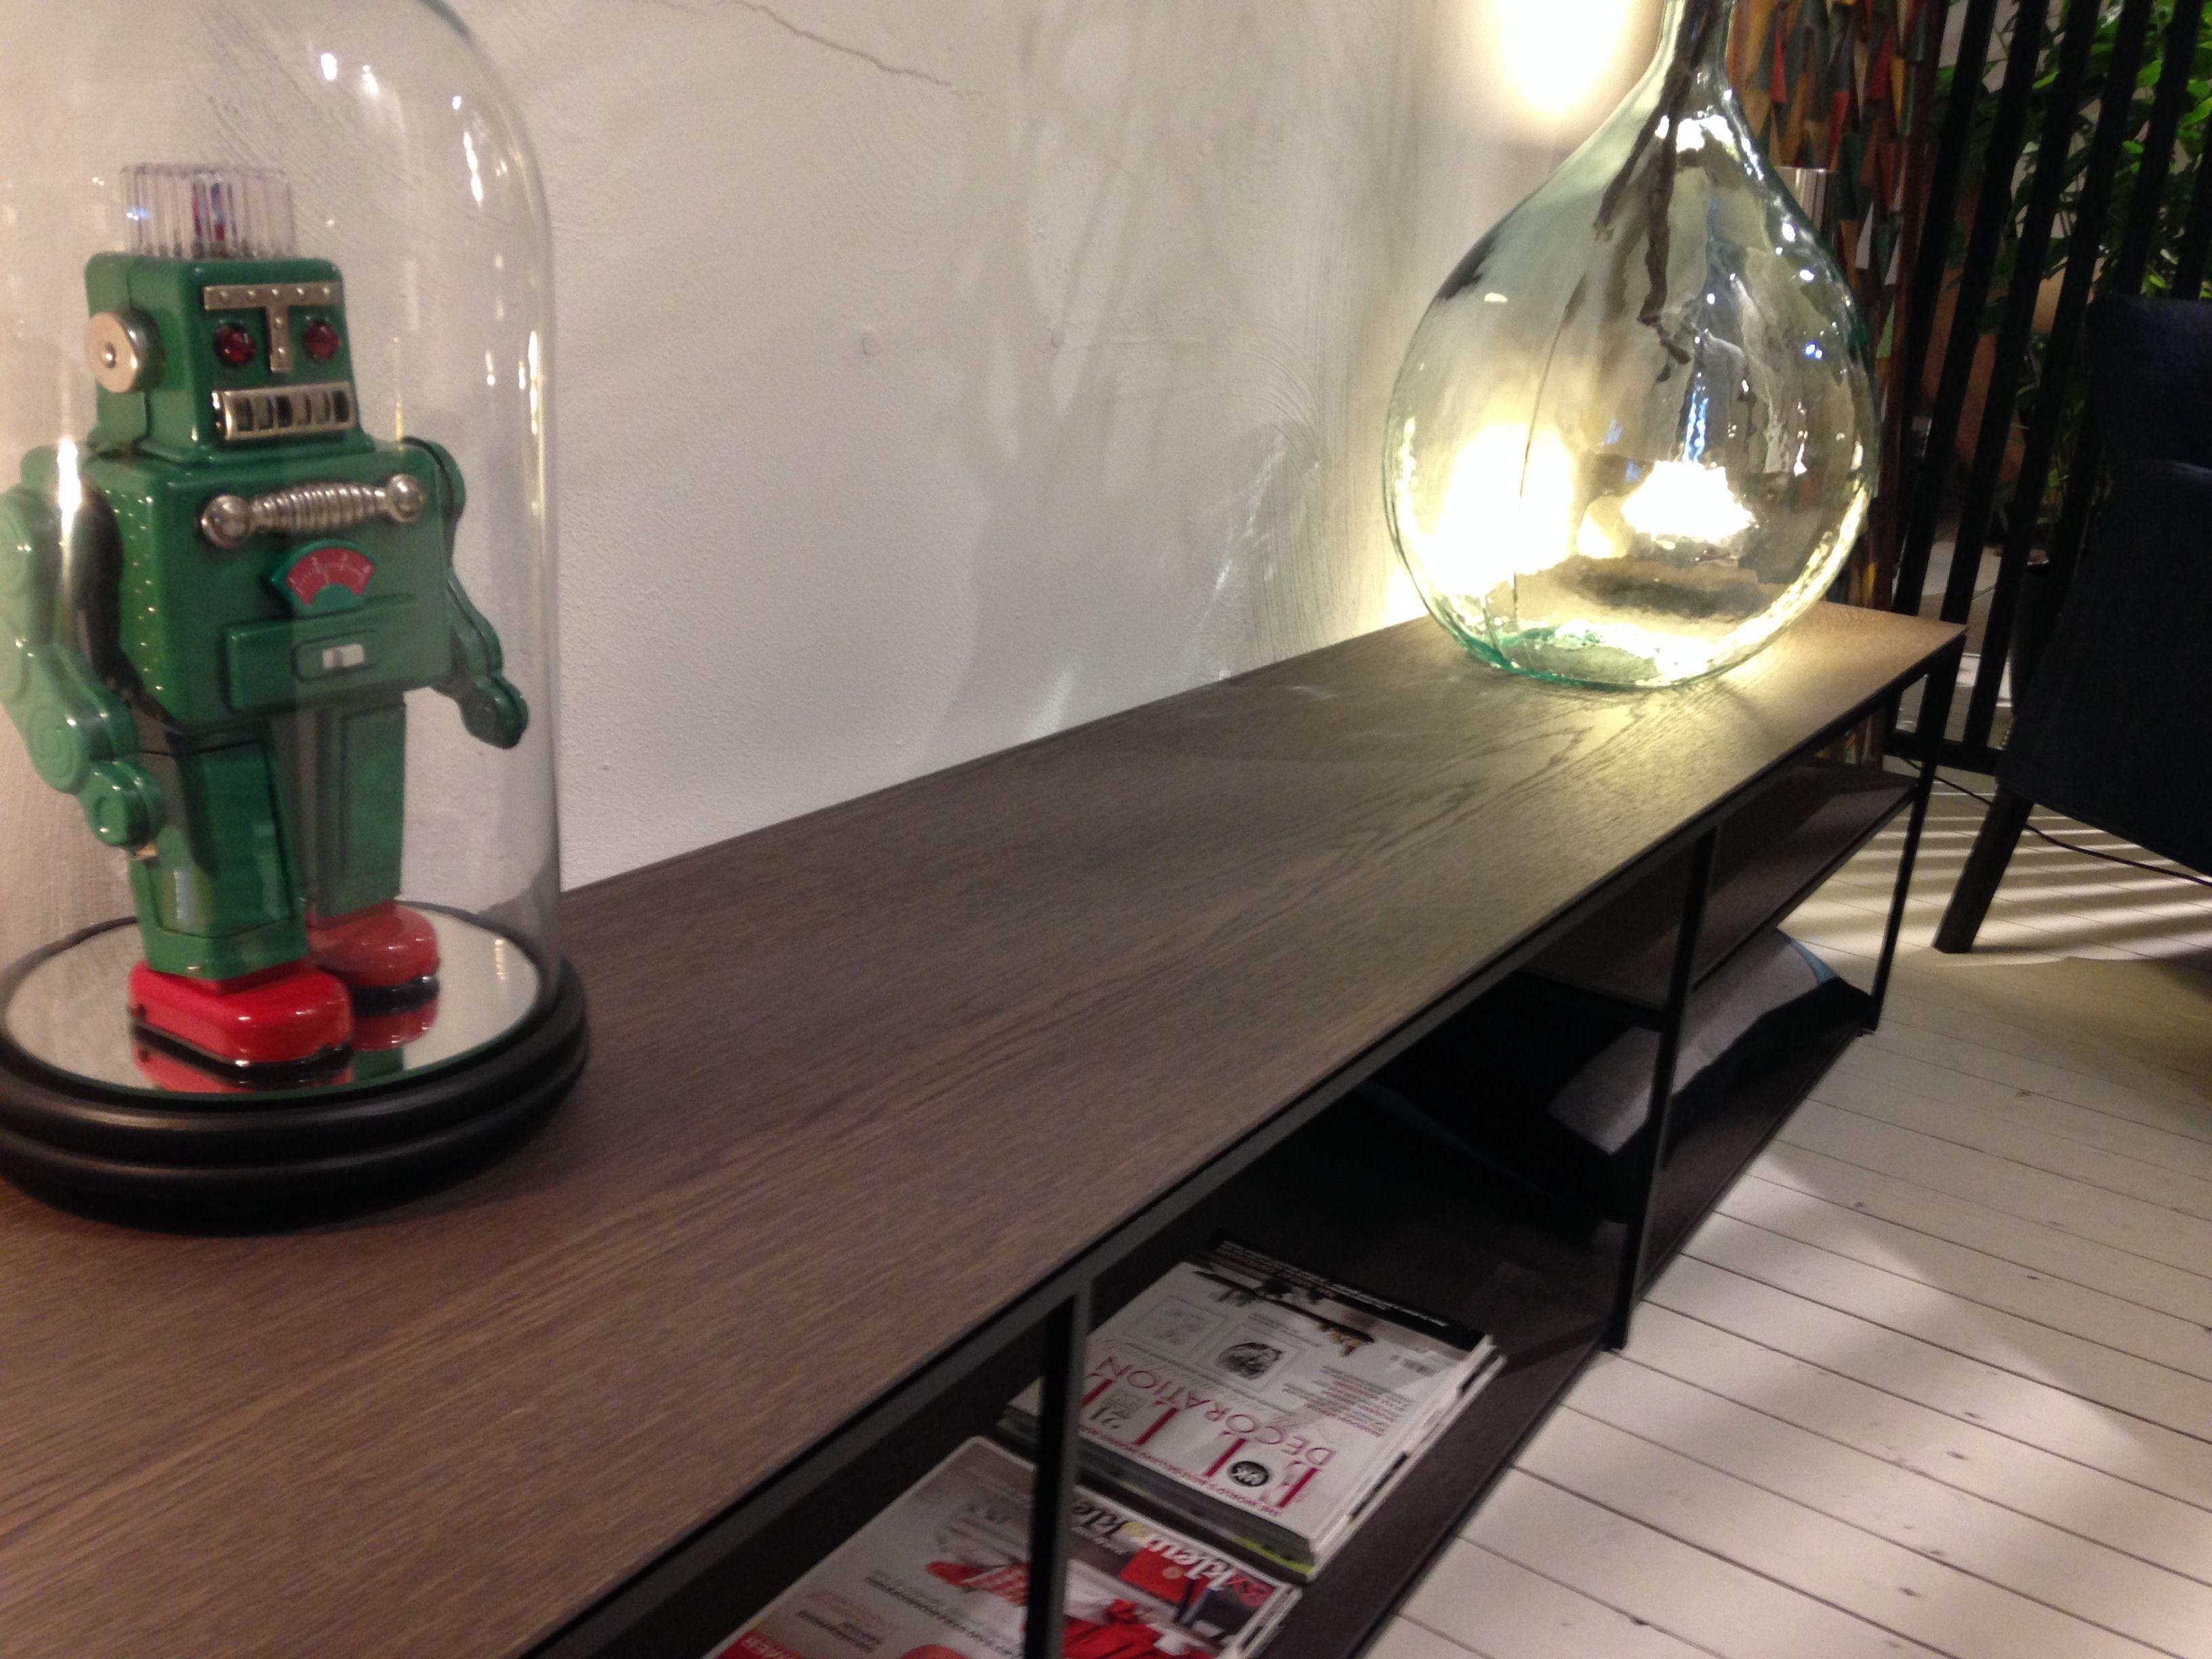 f99d307655c0b4085fc5ea2e2a51be63 Luxe De Fabriquer Table Basse Tactile Schème